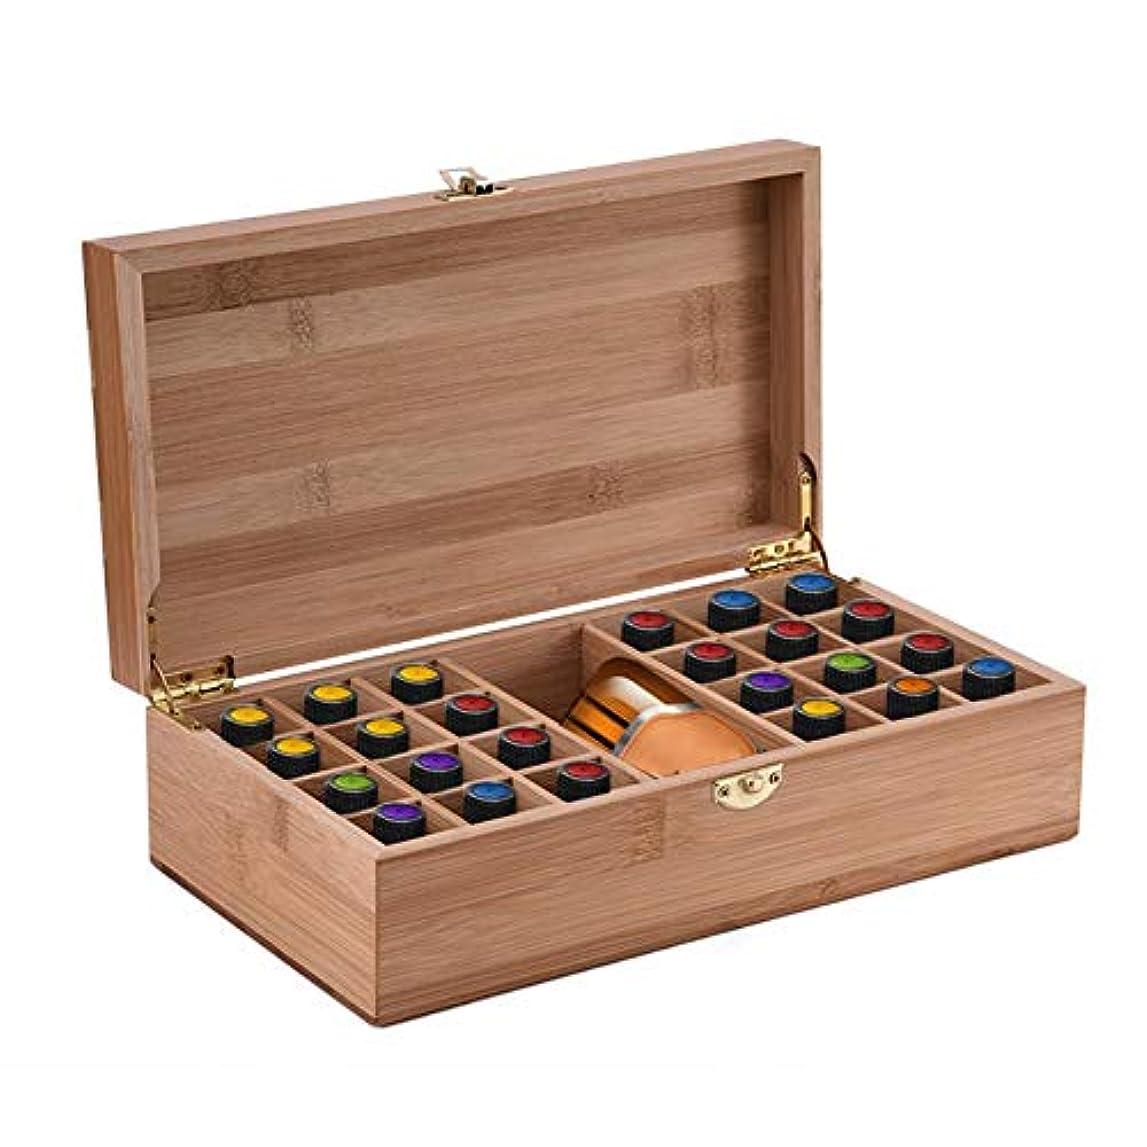 セレナ姪初期の竹エッセンシャルオイルストレージボックスは24ボトル5-10-15 ML、アロマテラピー保護オーガナイザーエッセンシャルオイル飾り装飾ギフト用木製収納ケースを保持します。